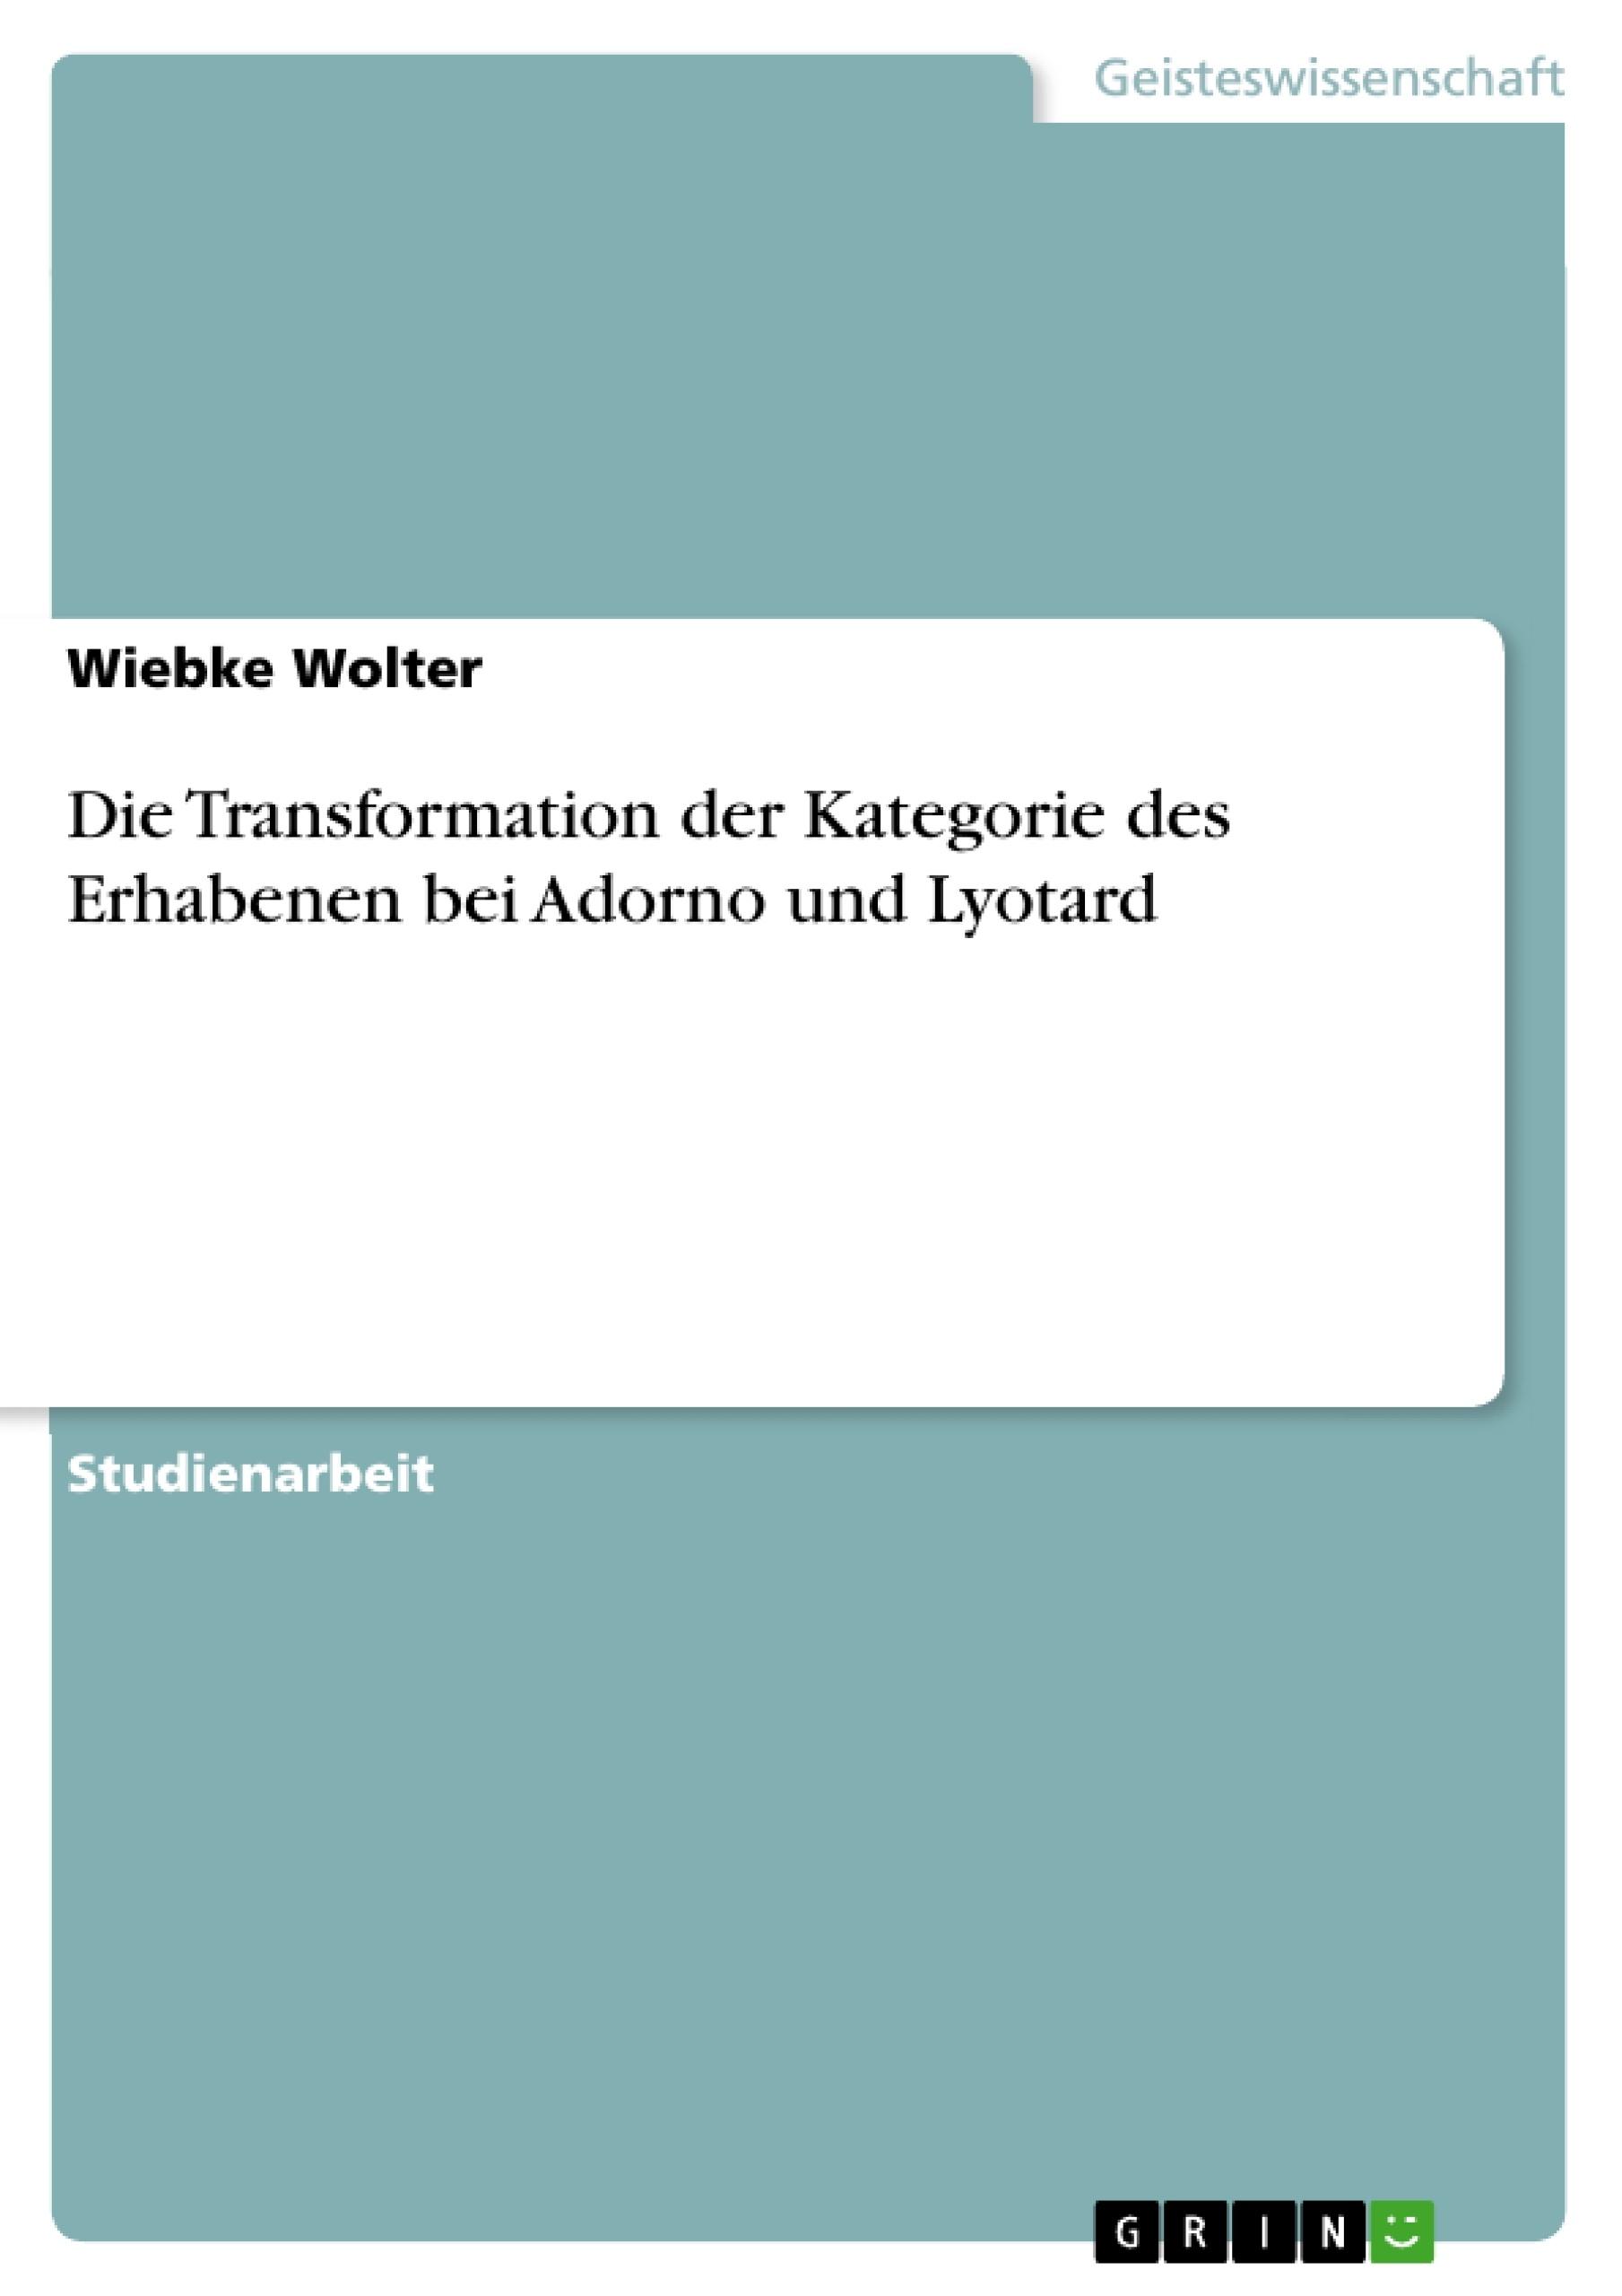 Titel: Die Transformation der Kategorie des Erhabenen bei Adorno und Lyotard